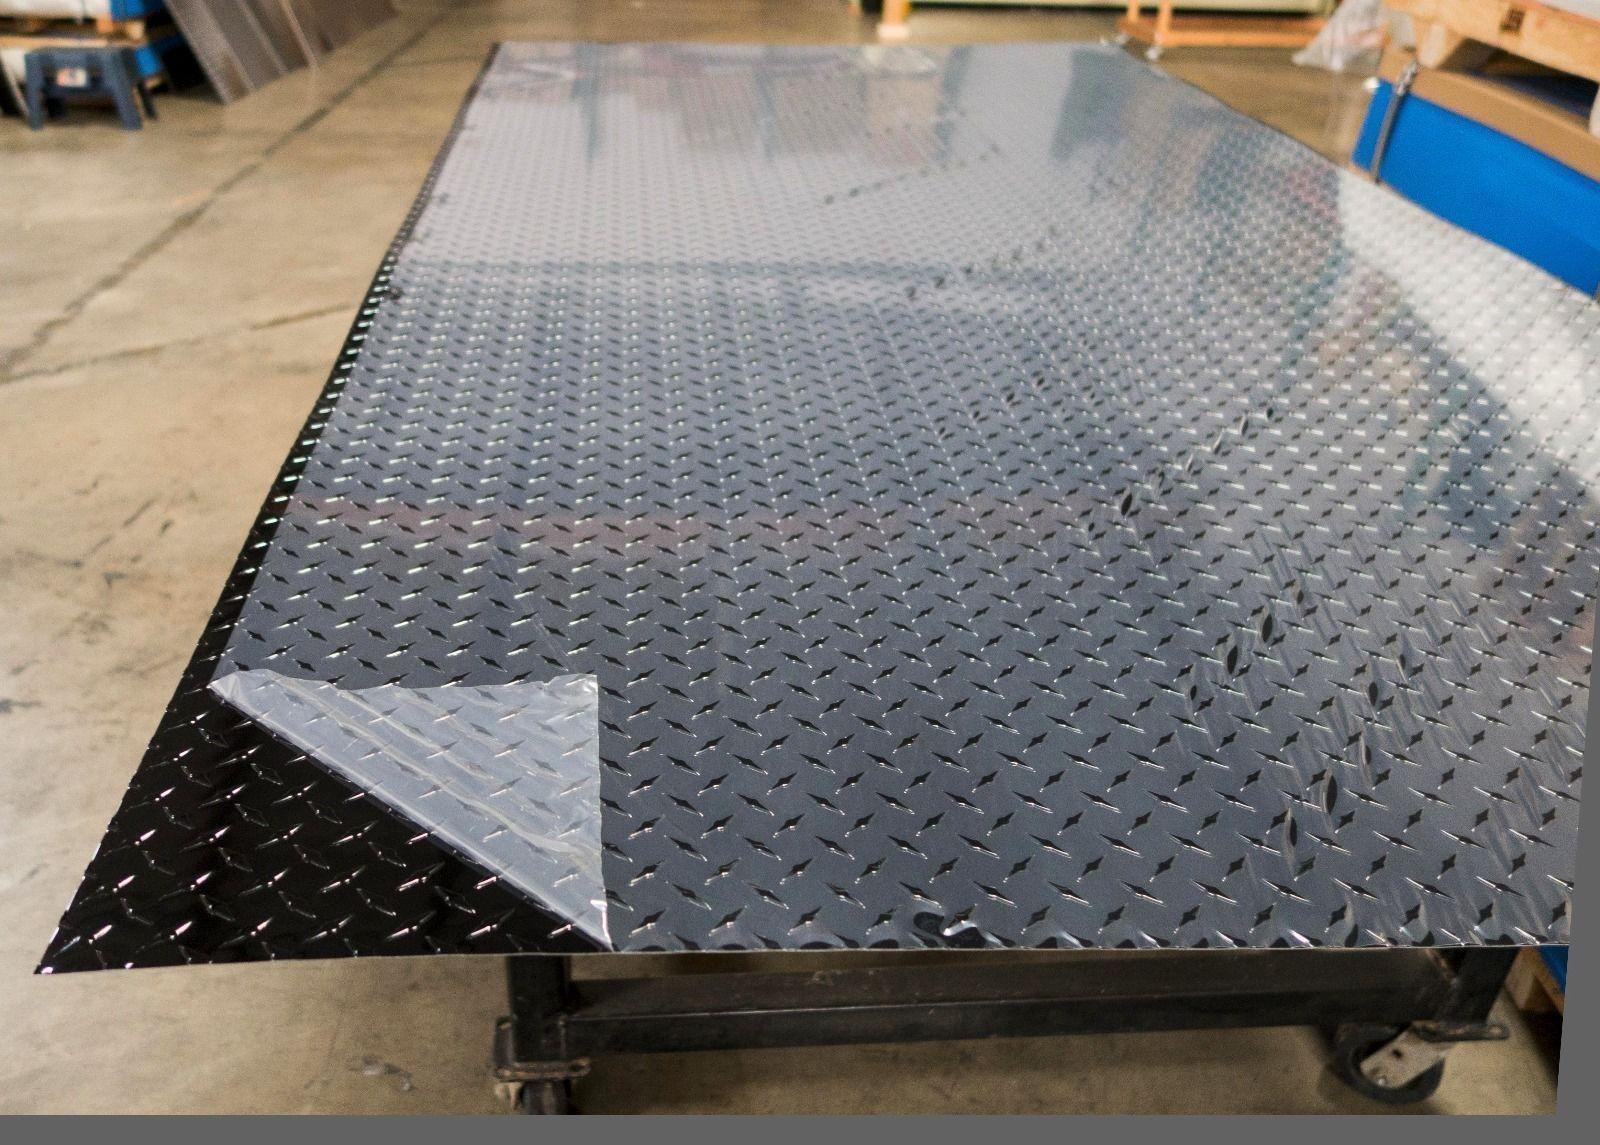 Aluminum Deck Plate Tread Brite Aluminum Decking Diamond Plate Flooring